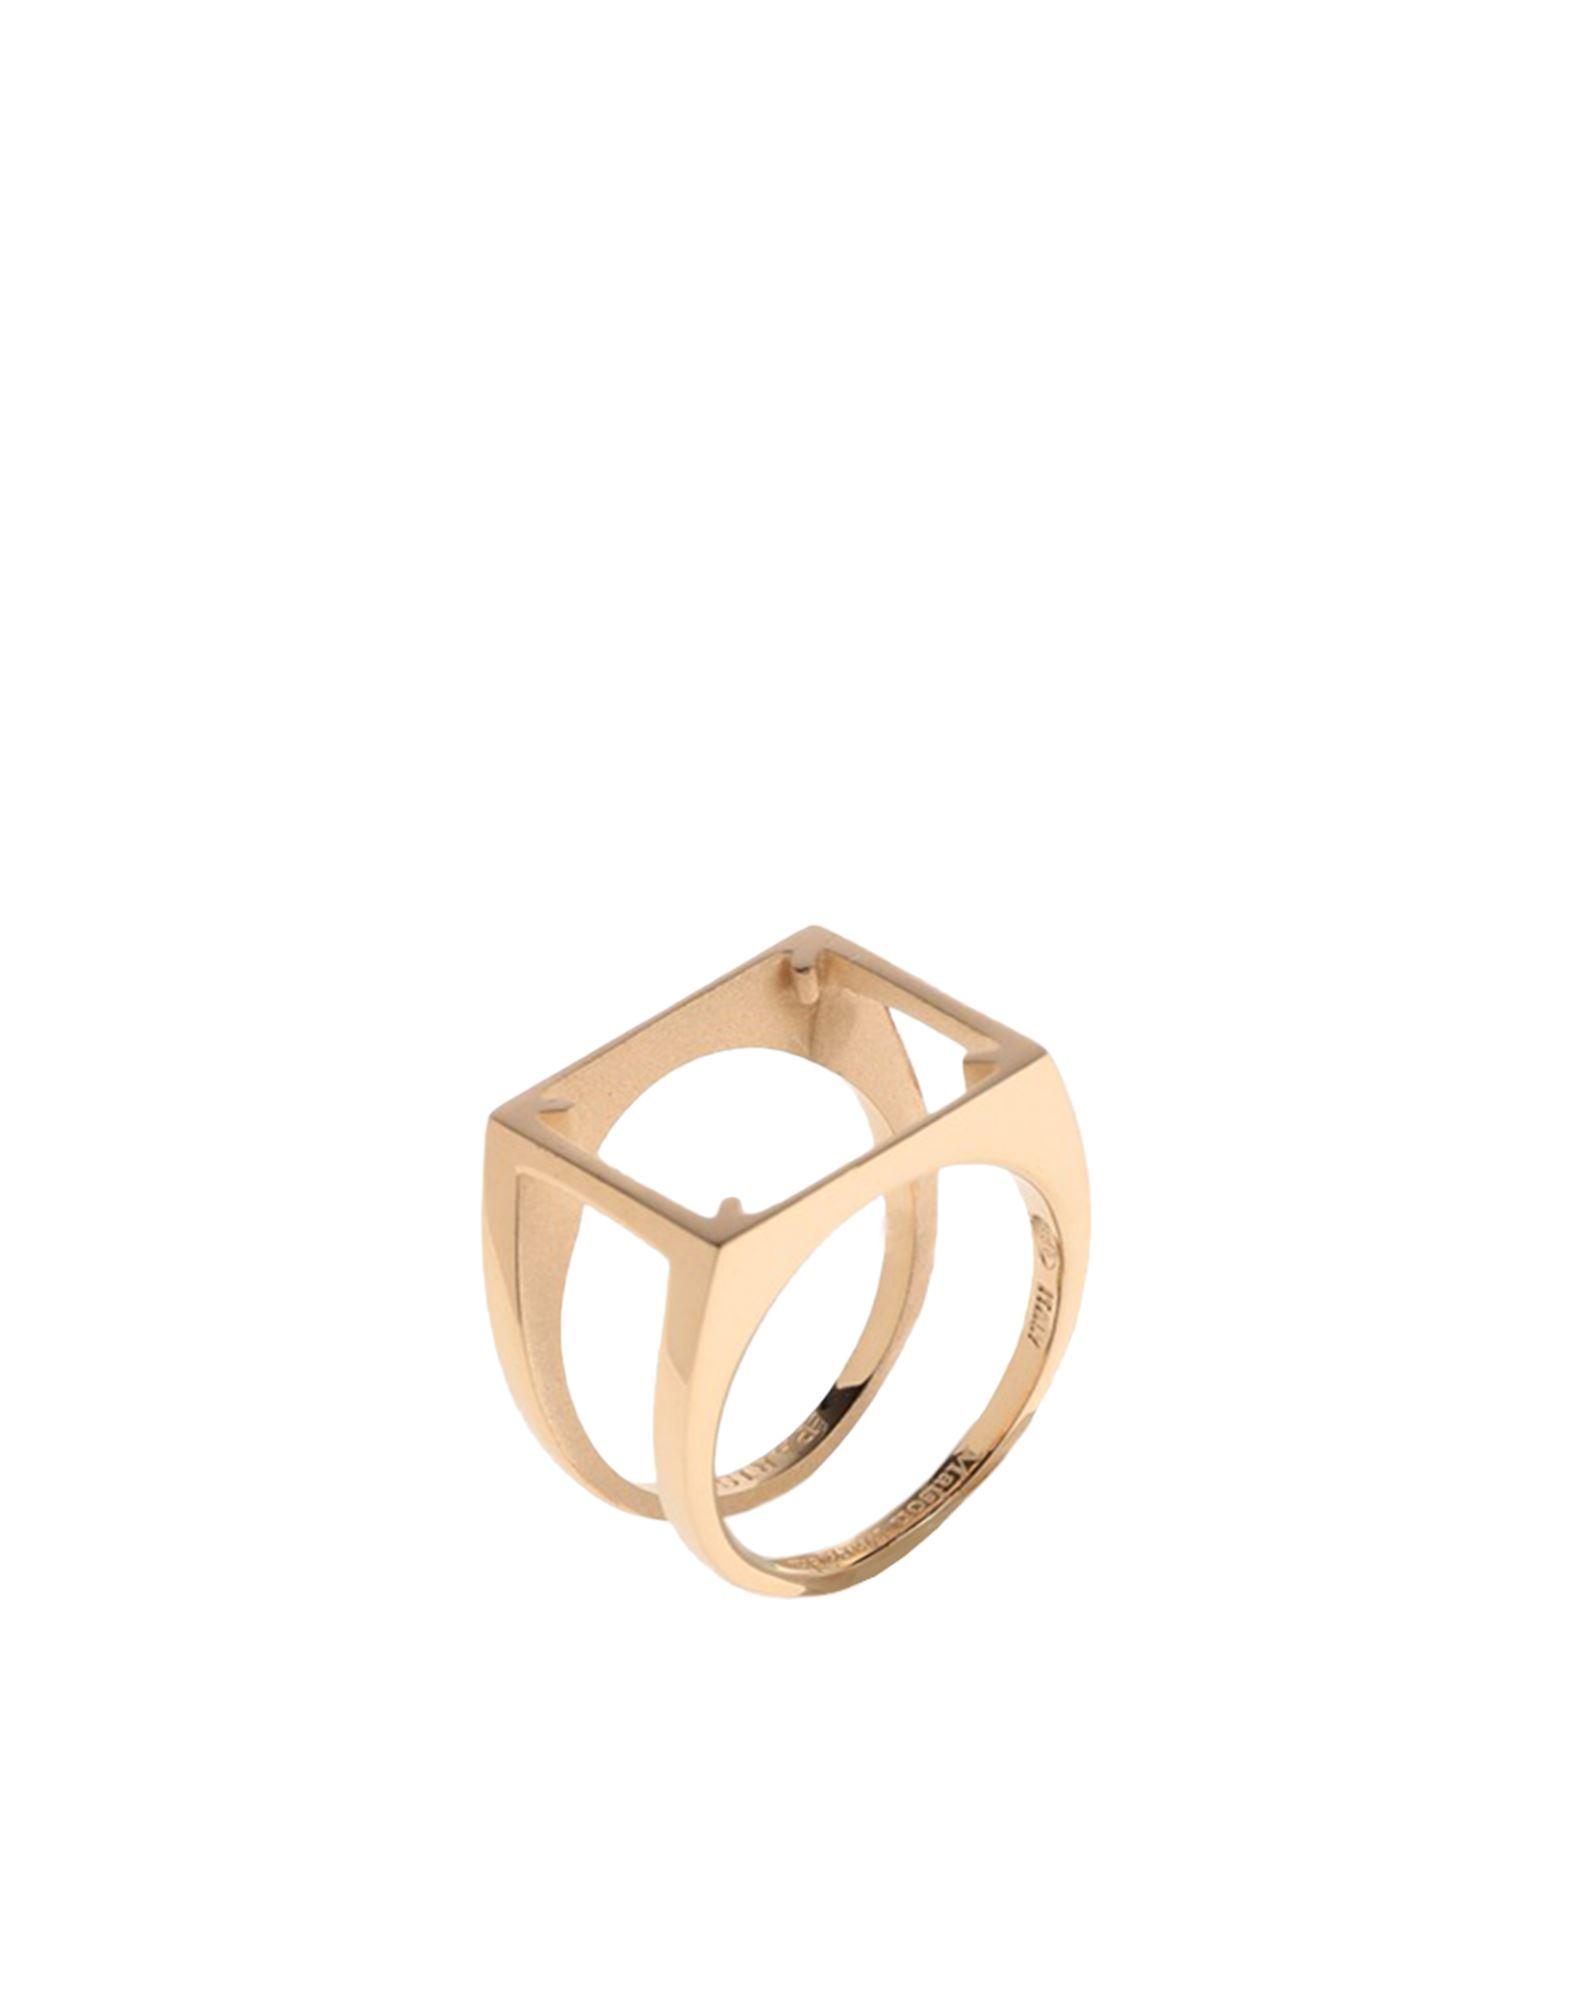 《セール開催中》MAISON MARGIELA レディース 指輪 ゴールド S シルバー925/1000 100%